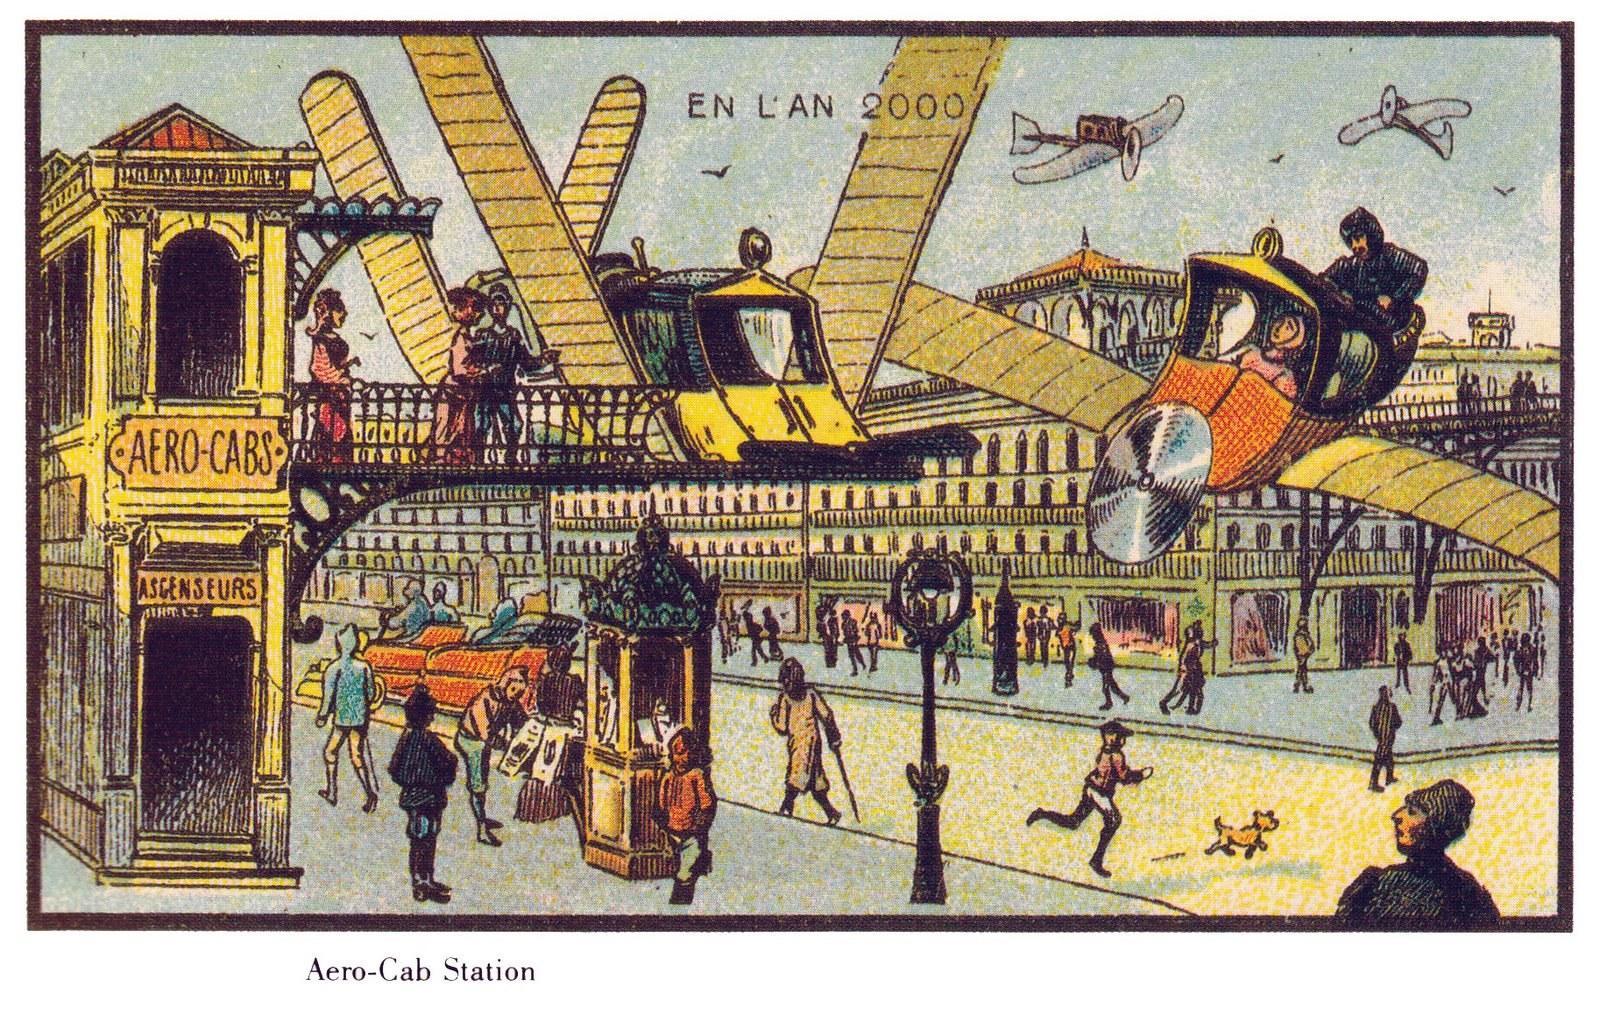 Slik så 2000-tallet da franske Jean-Marc Côté drømte om det på 1890-tallet. I KOTE #11 ønsker vi å undersøke hvordan fremtiden ser ut i dag. Bilde: Wikimedia commons.